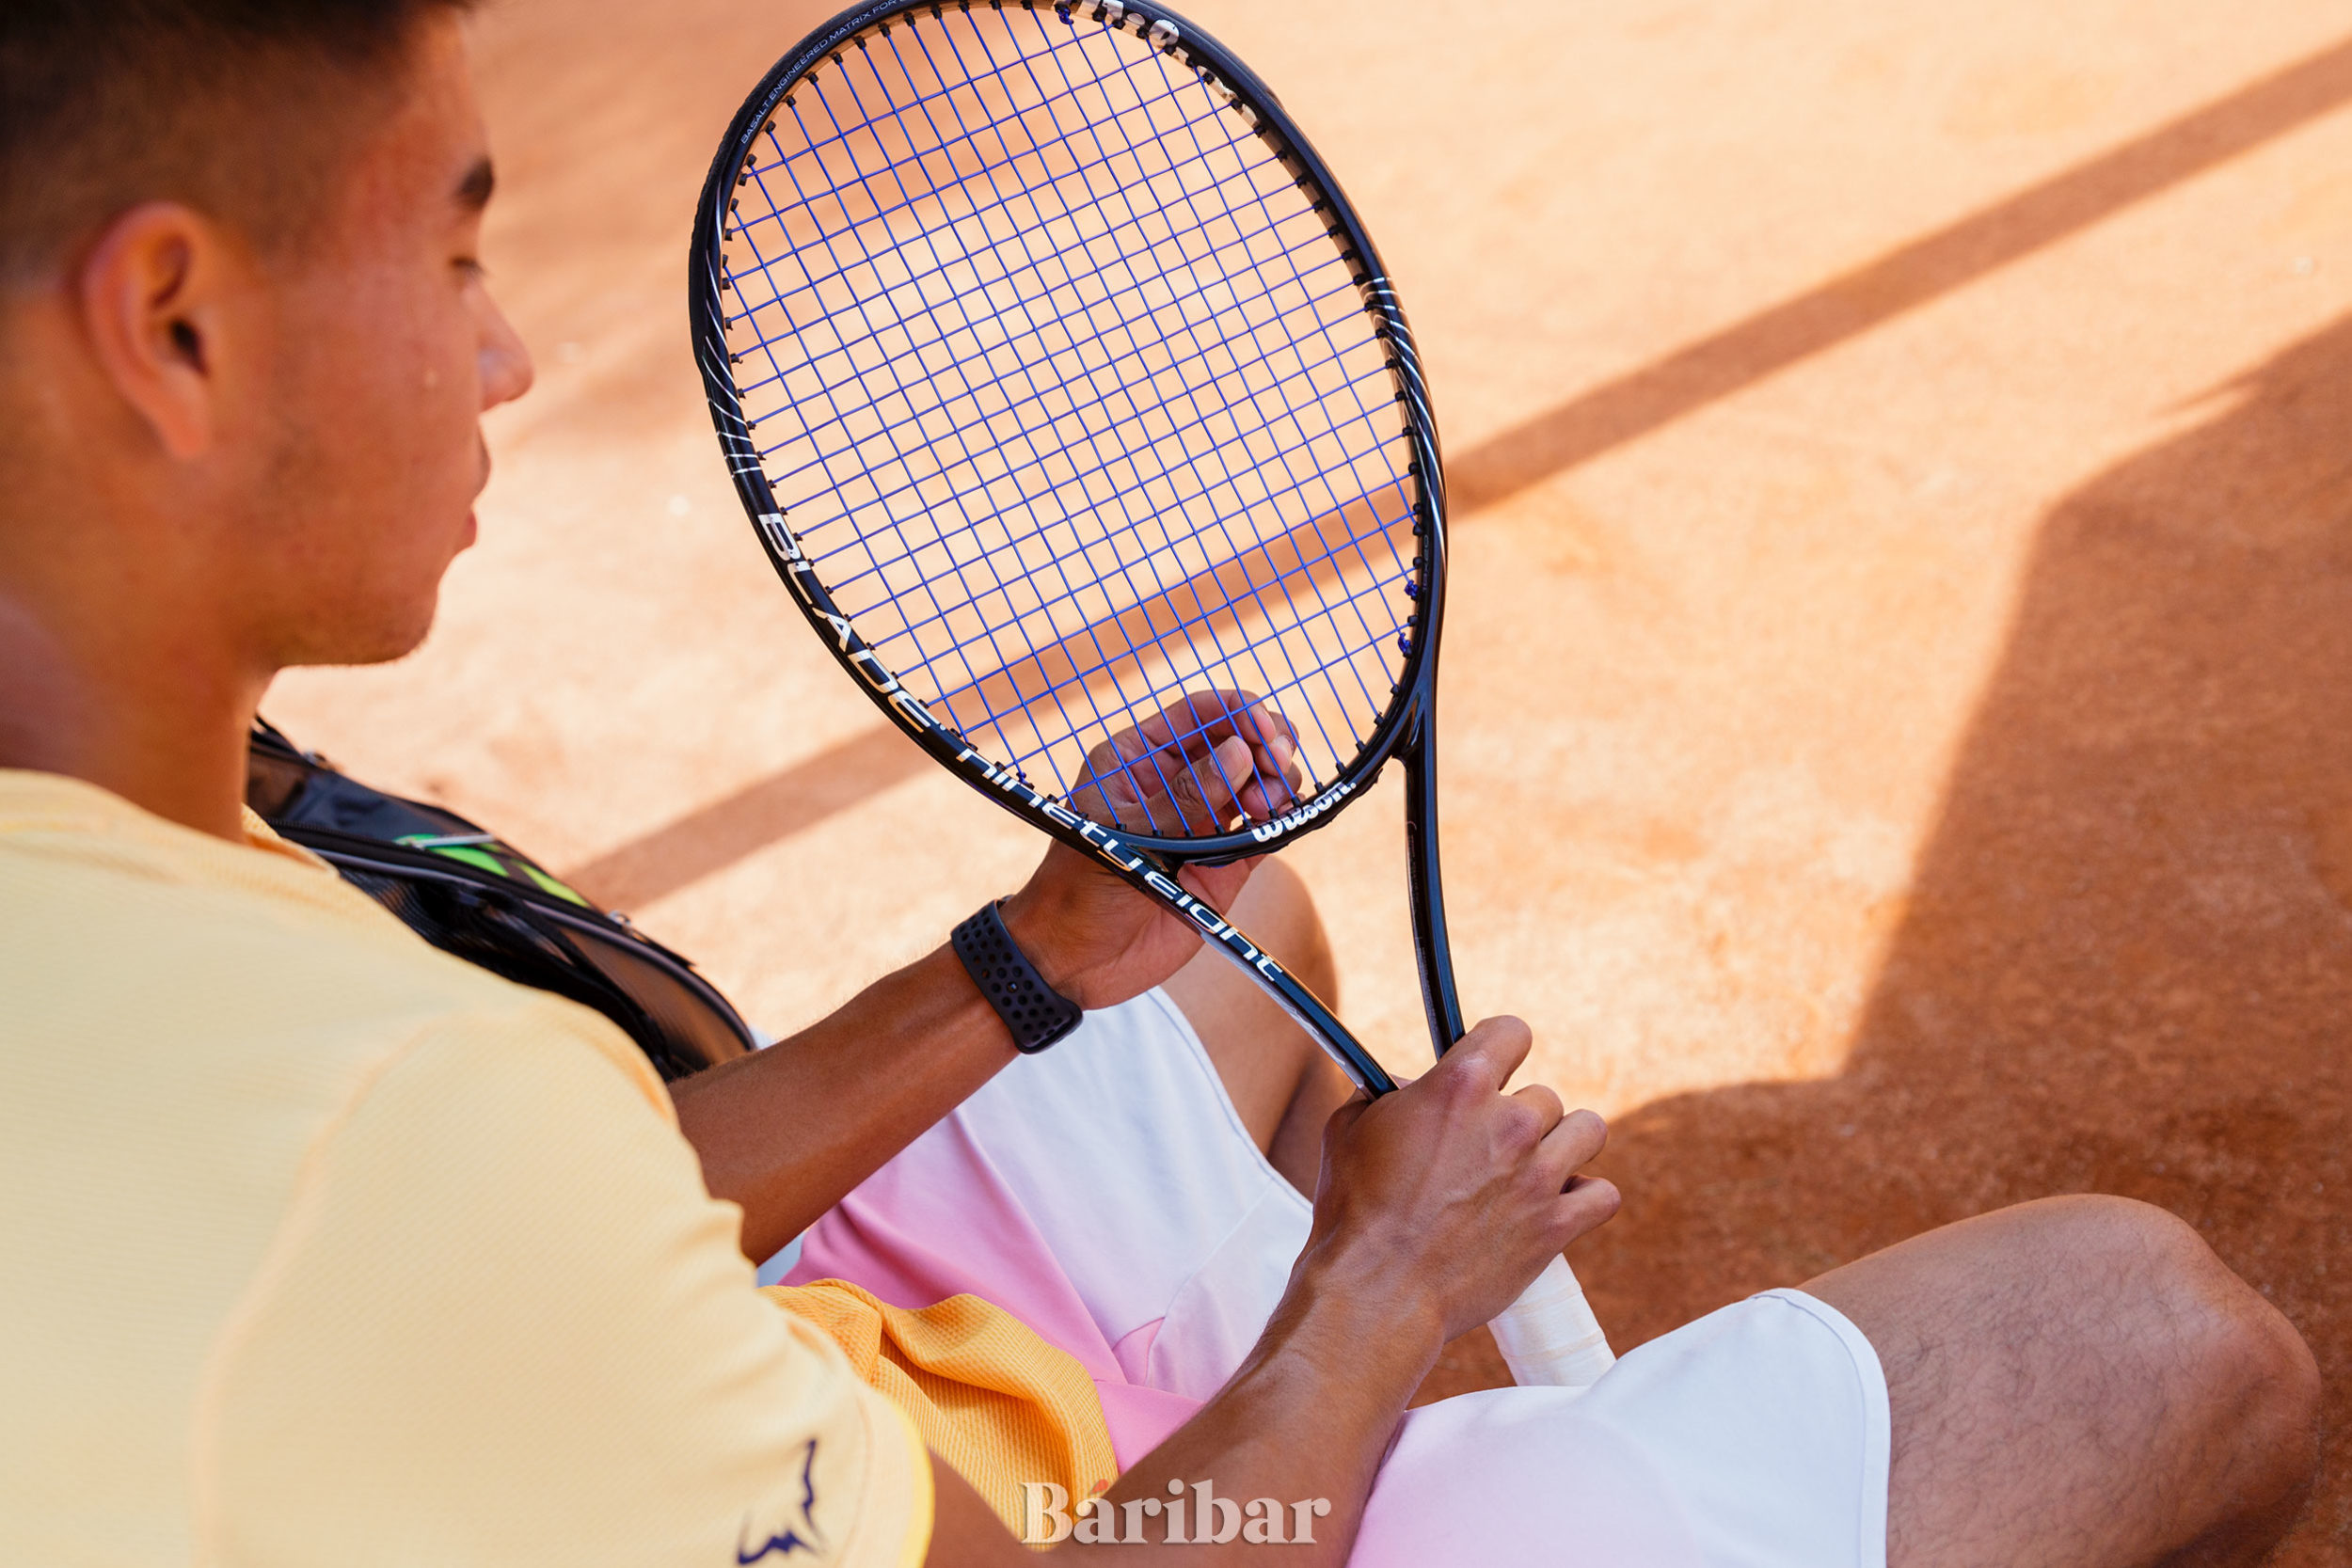 Cұлтан Нарбеков, теннисші